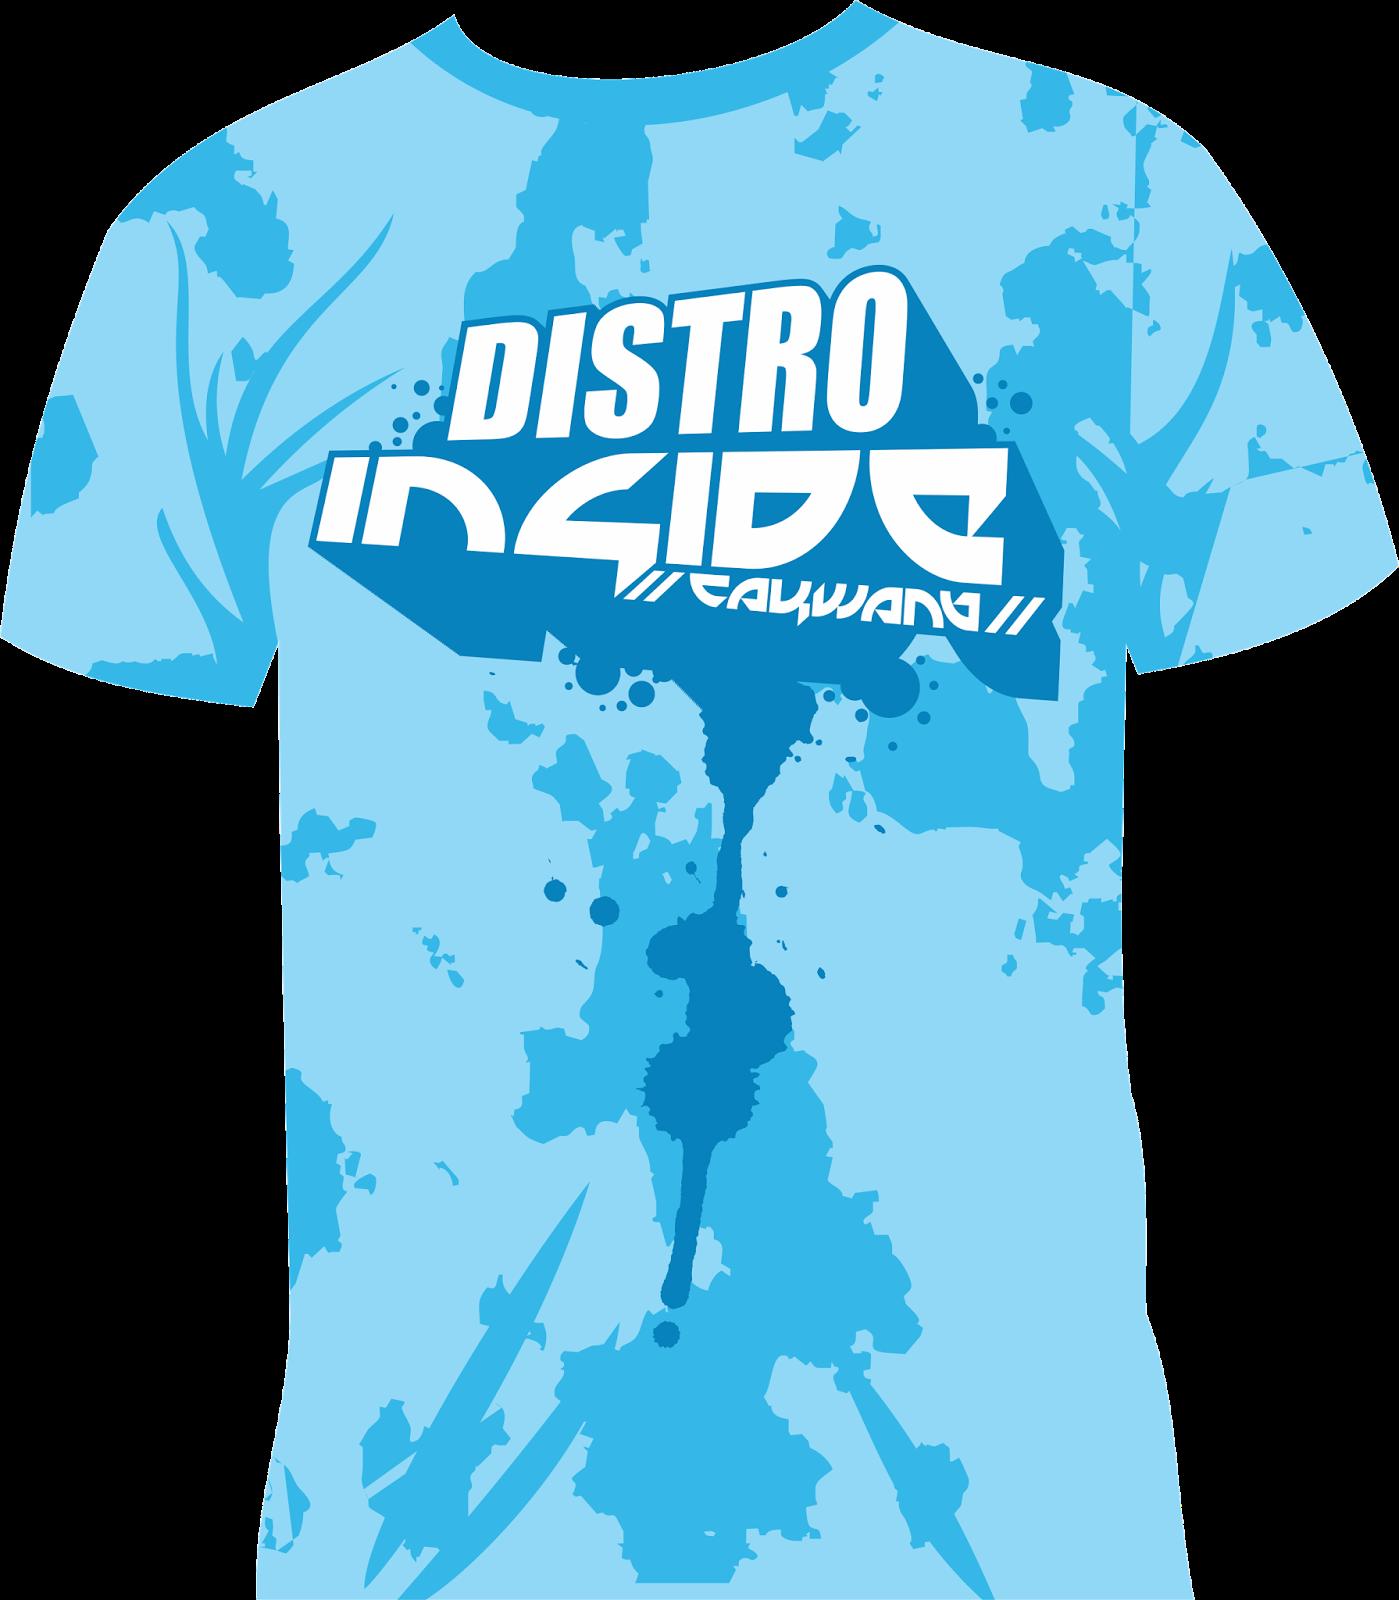 Kumpulan Design T-Shirts Kaos Distro